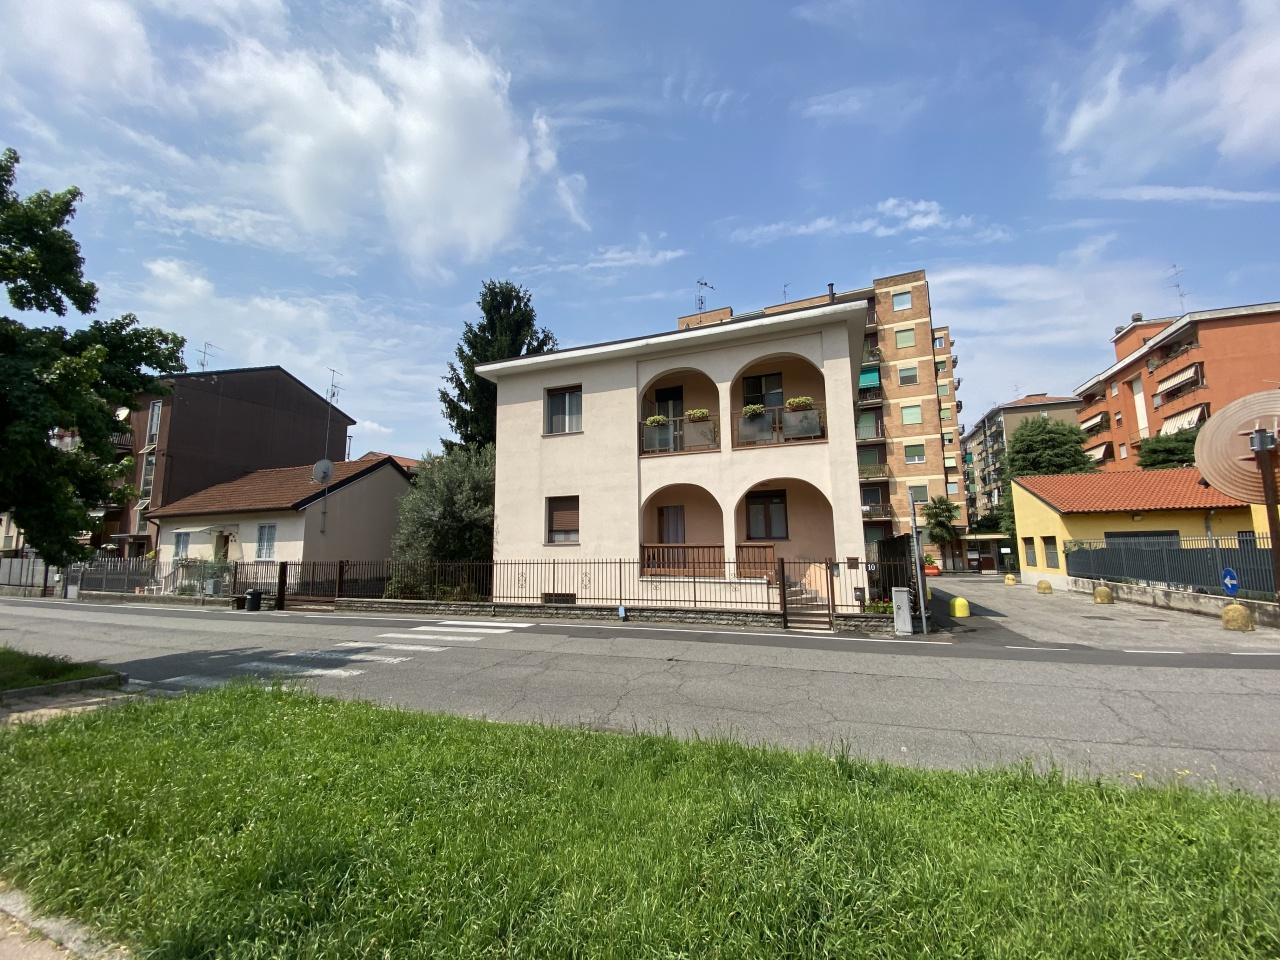 Appartamento in vendita a Pioltello, 4 locali, prezzo € 255.000 | PortaleAgenzieImmobiliari.it